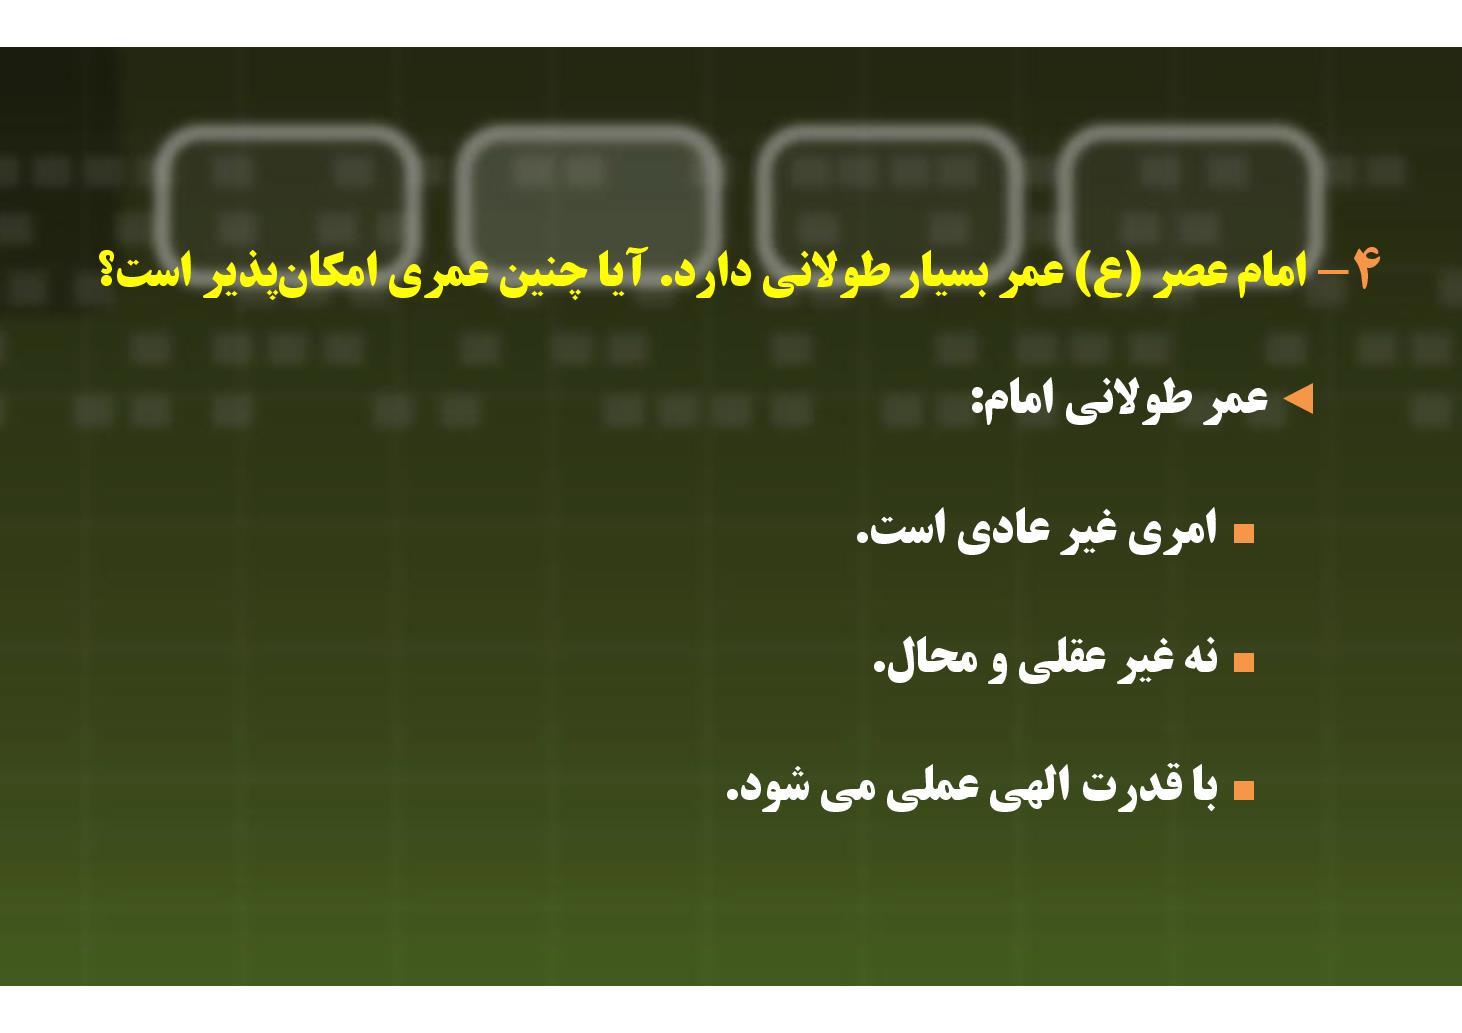 معارف- درس ٩- پایان غیبت و یاران راستین امام- بخش ٢ (PDF)